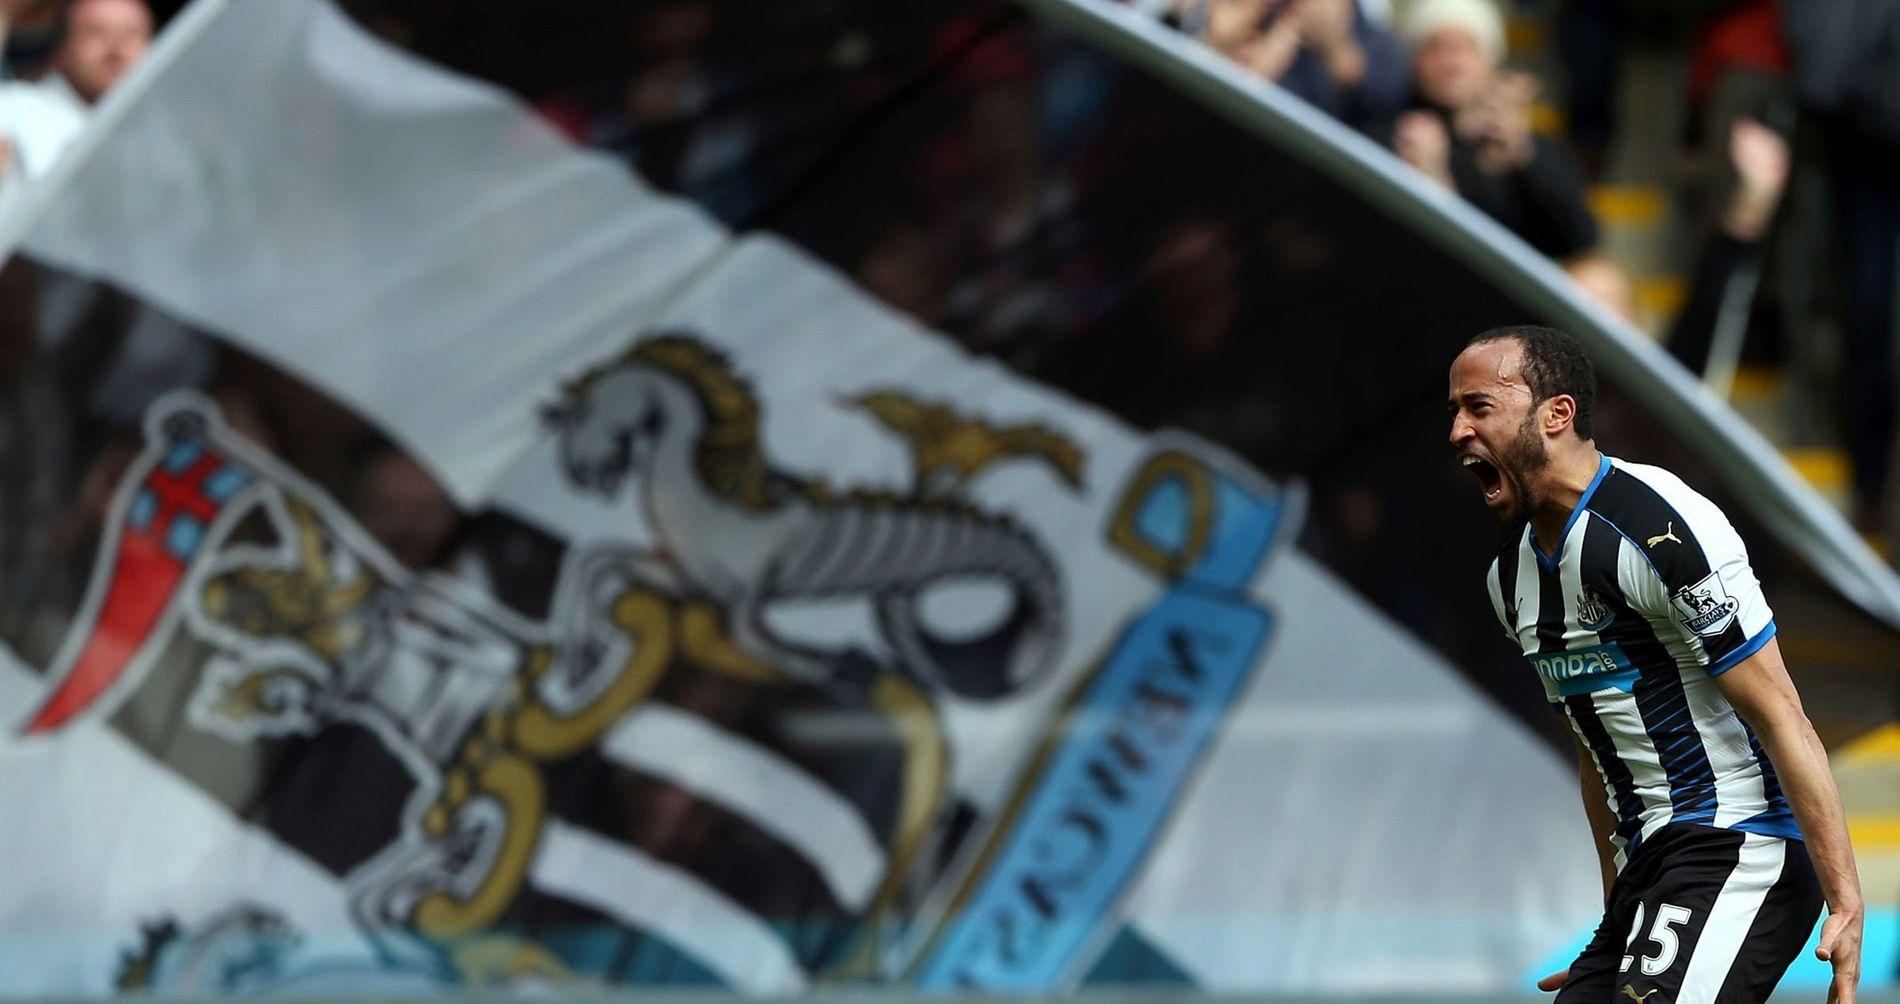 HELTEN: Andros Townsend sikret Newcastle-seier med sin frisparkperle. Det smakte godt, viser dette bildet.